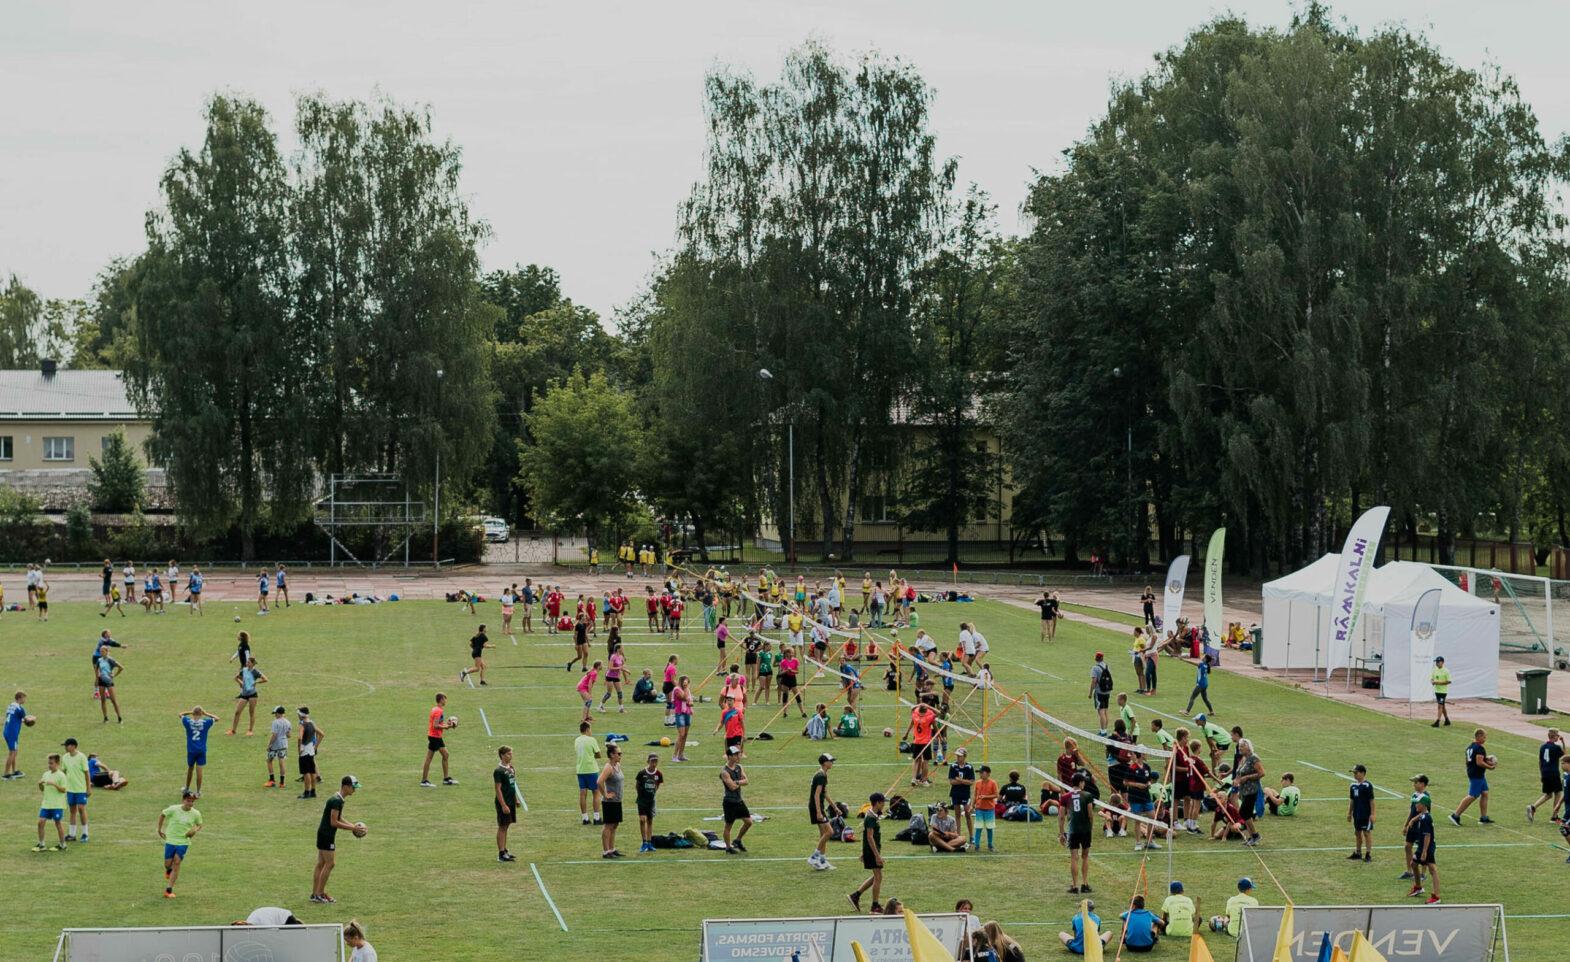 Sporta laukums ar daudz jauniešiem